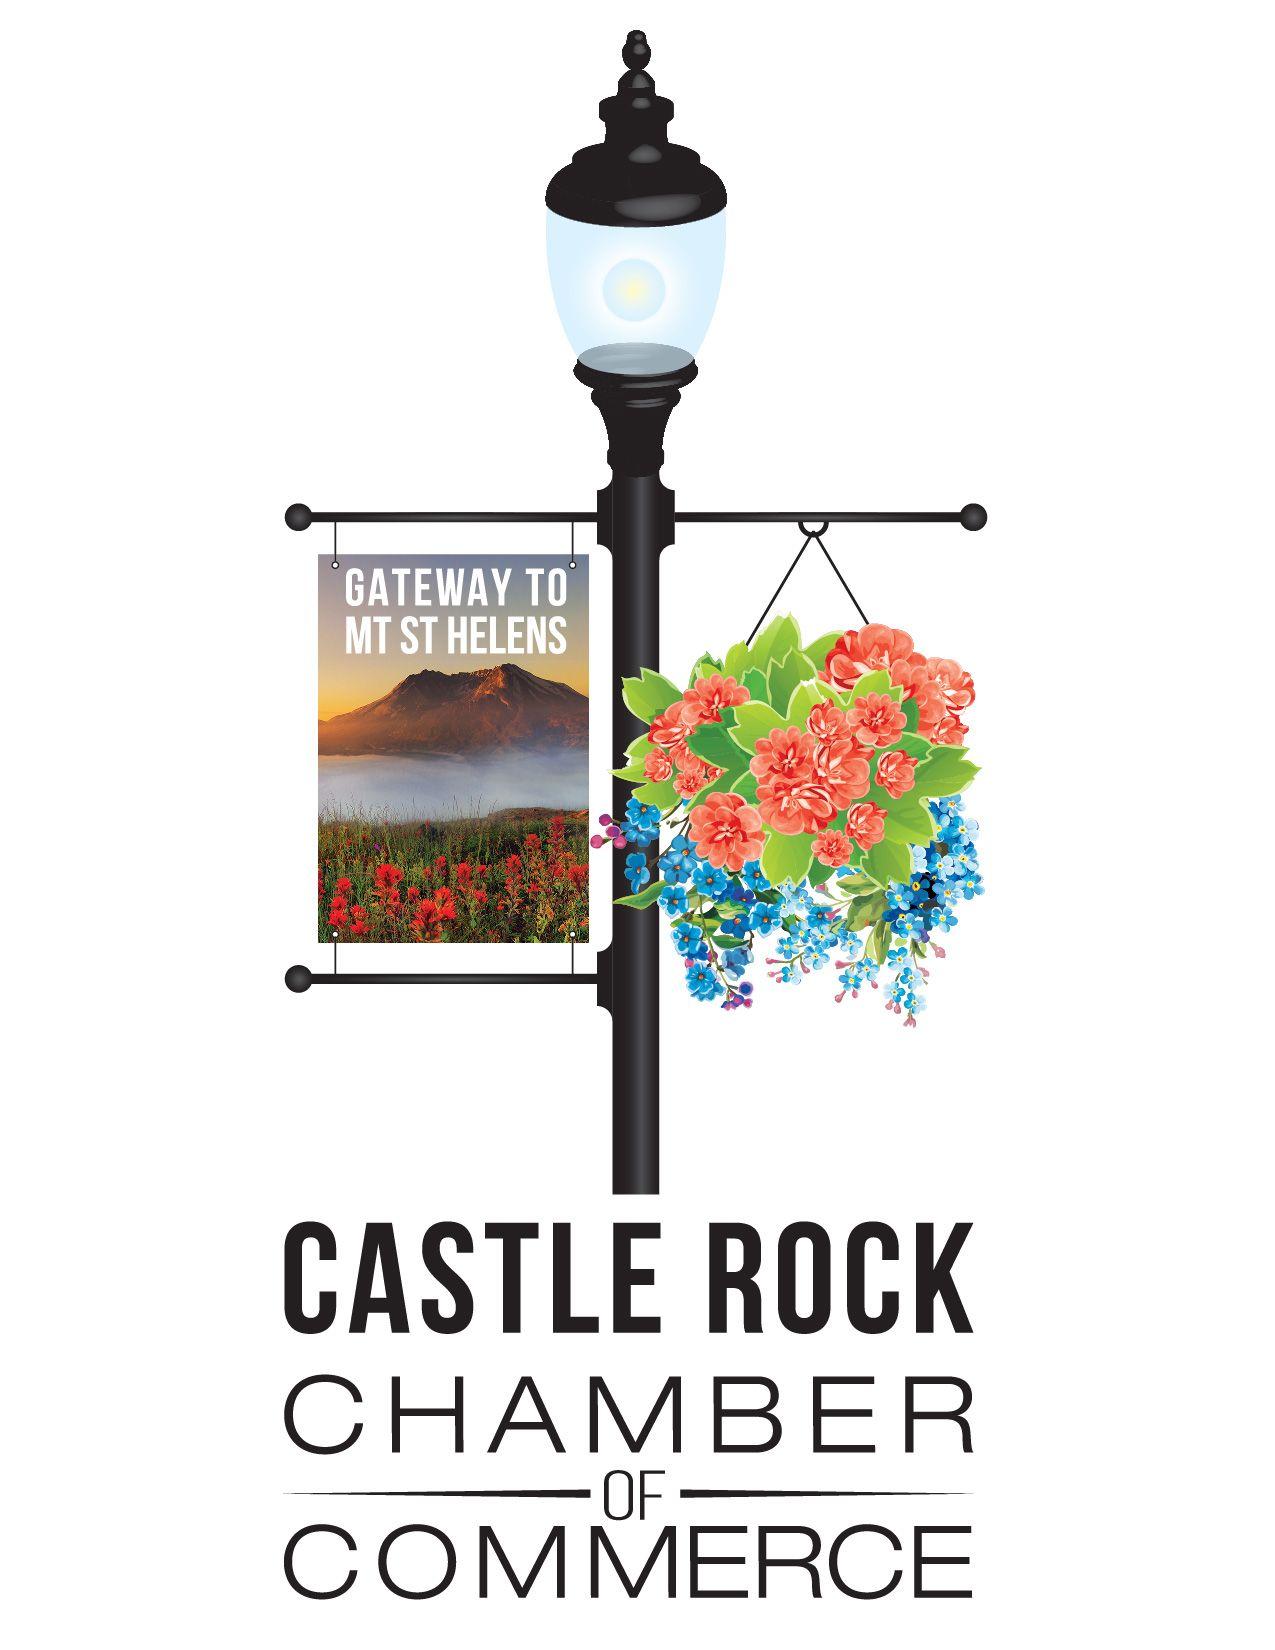 Castle Rock Chamber